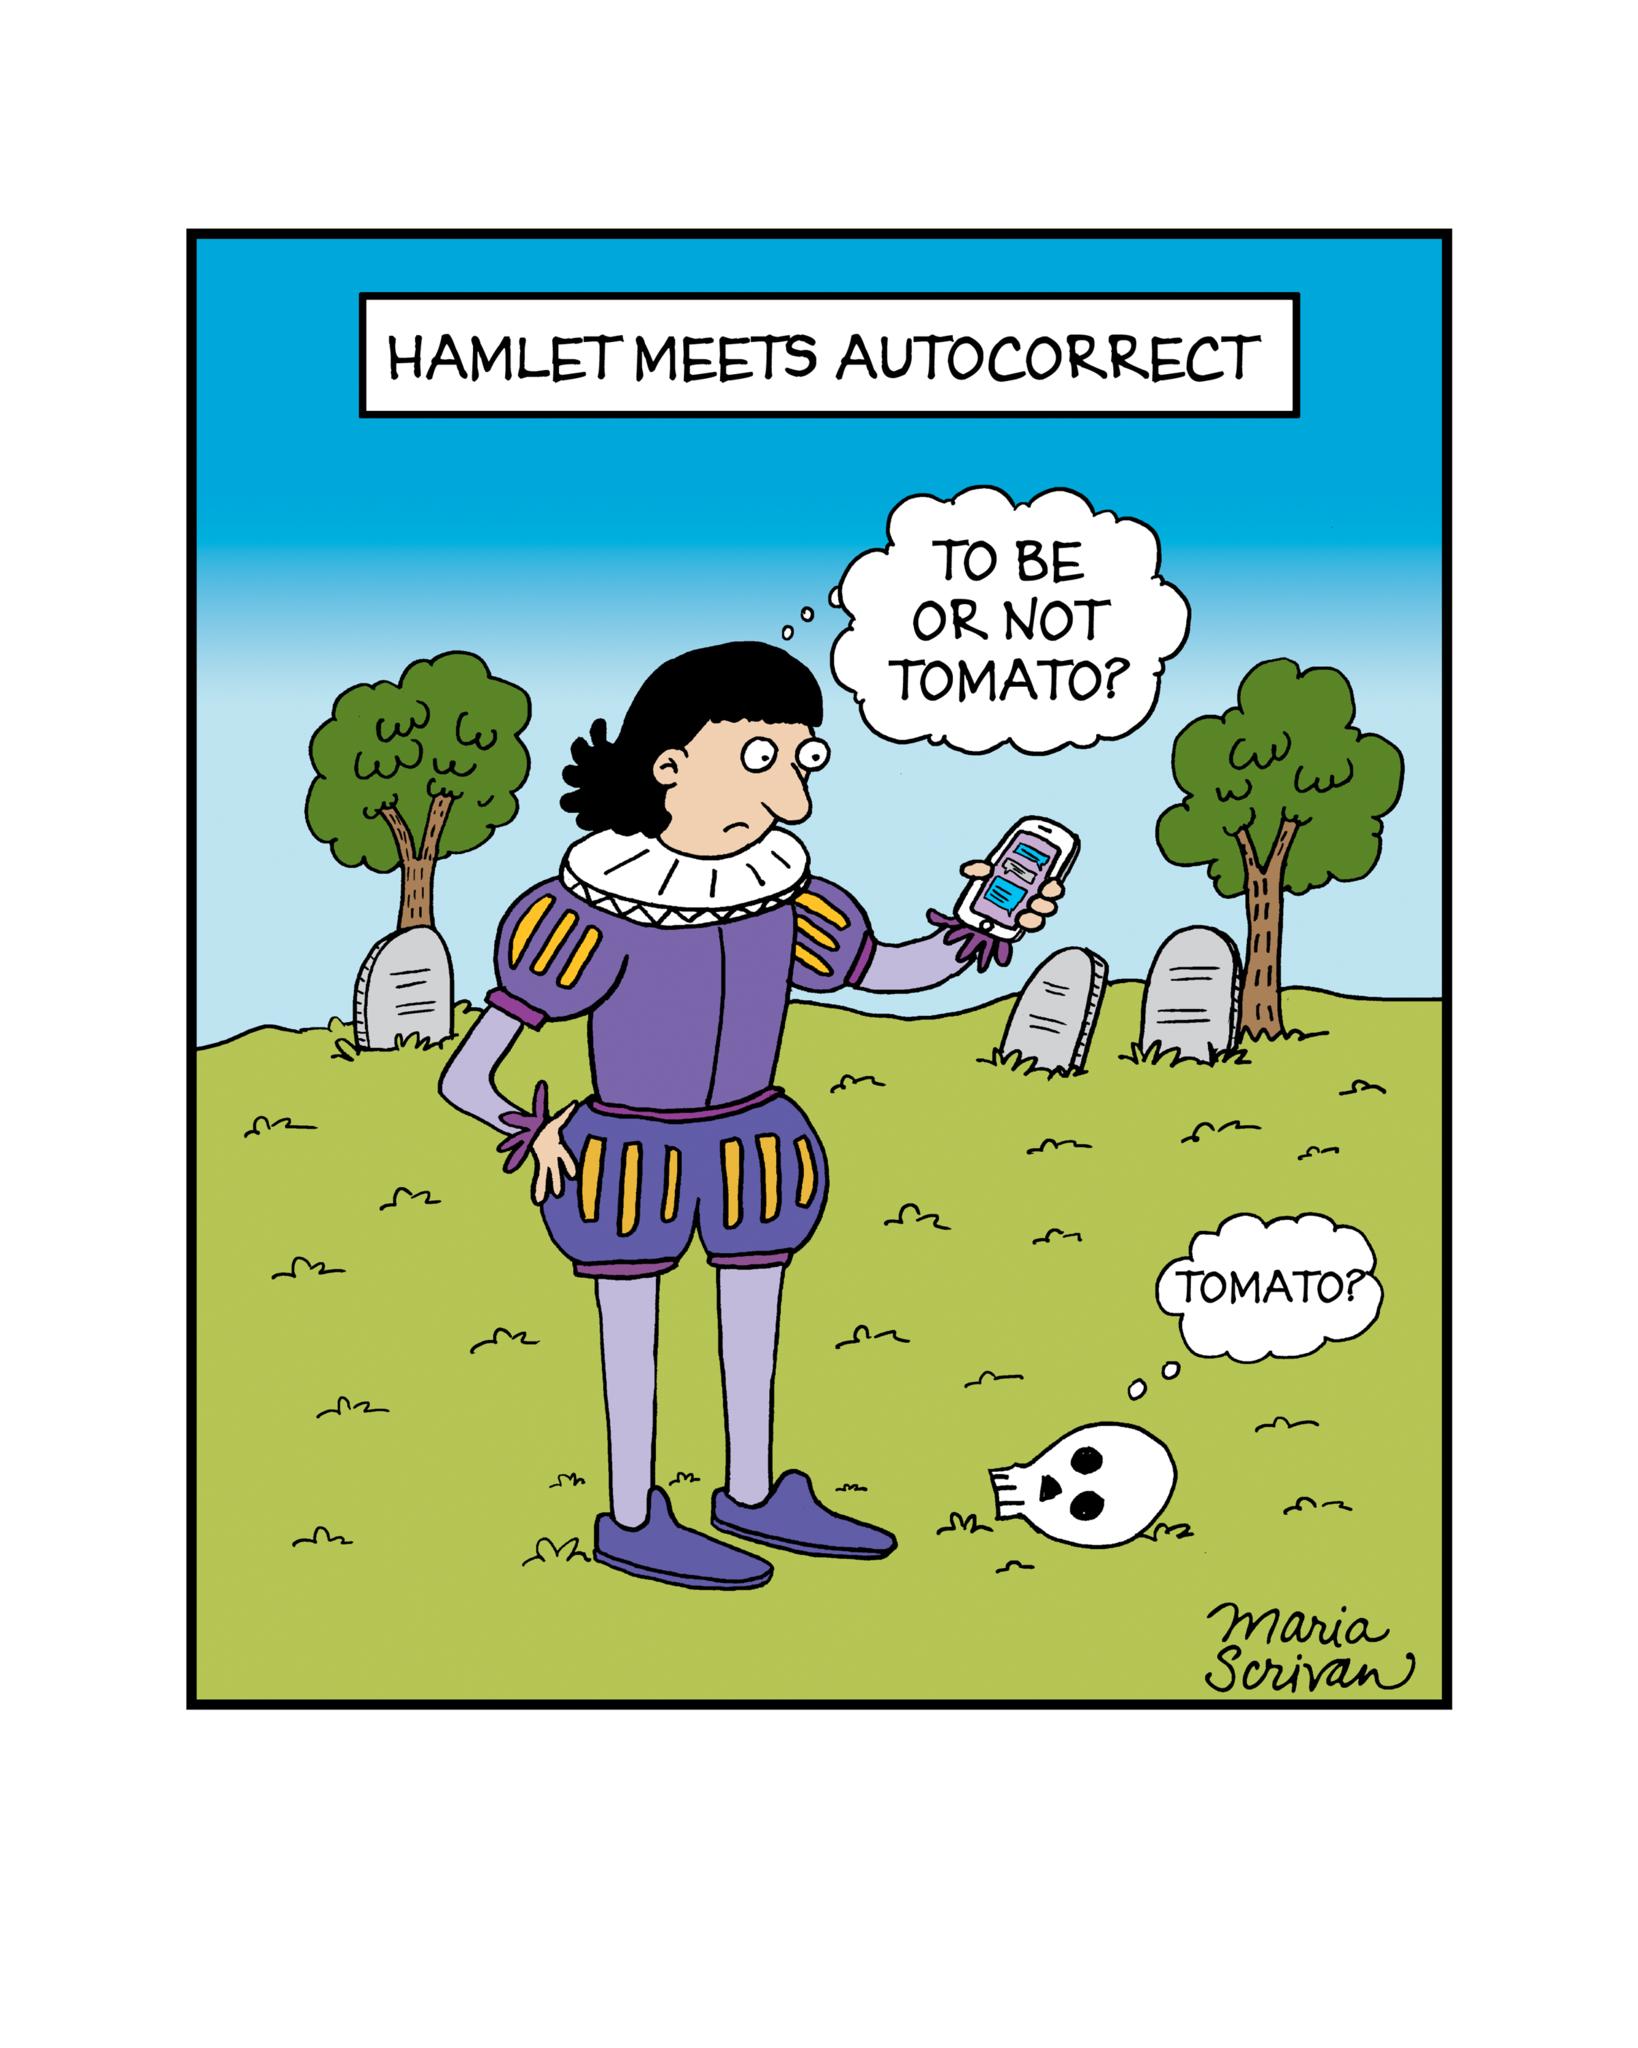 humor in hamlet